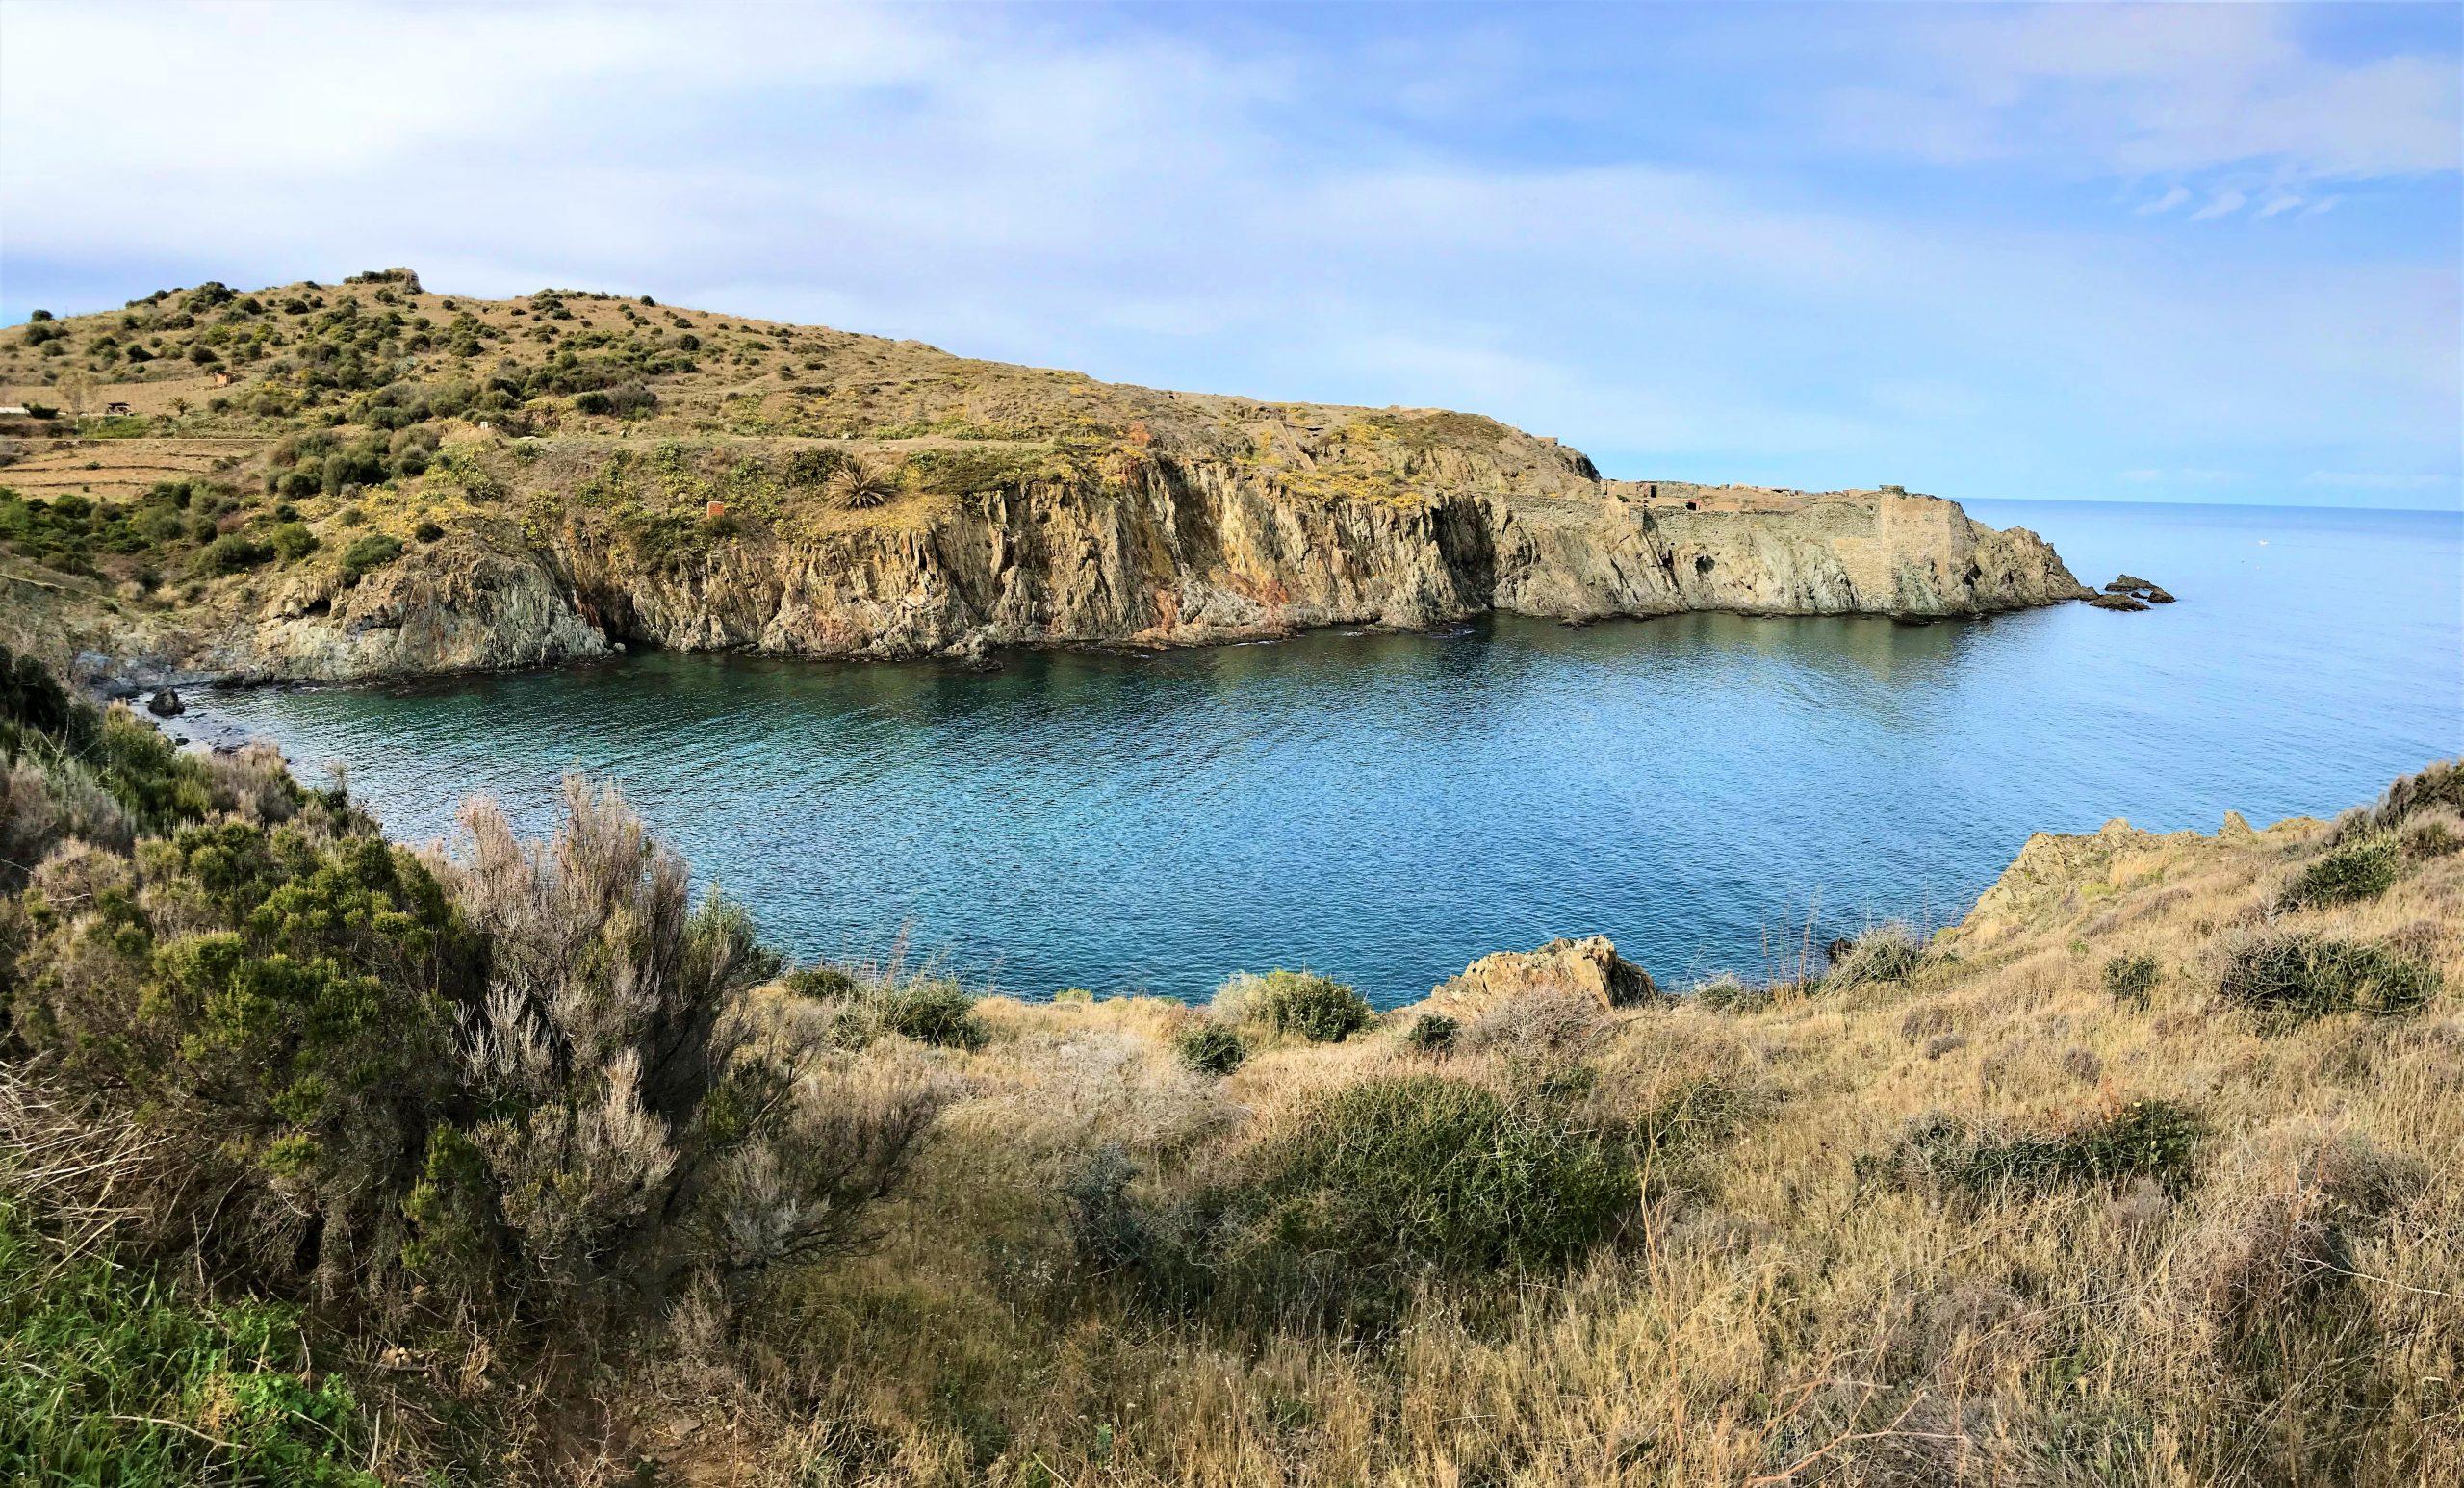 Sentier du littoral de Collioure à Port vendres